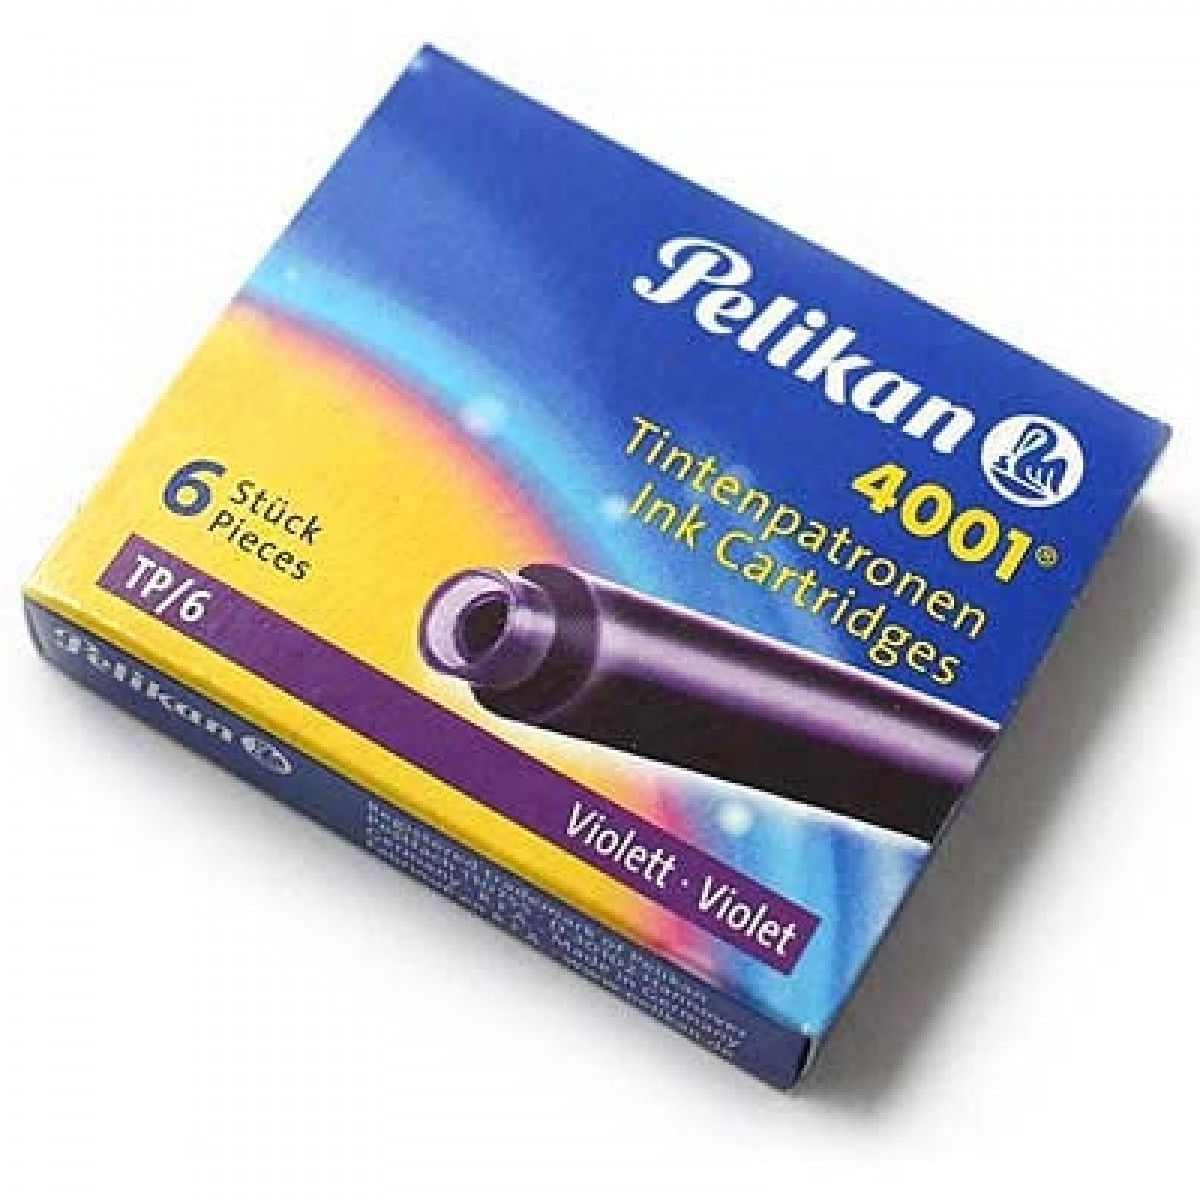 Cartucho de Caneta Tinteiro Pelikan 4001 c/ 6 un- Violeta